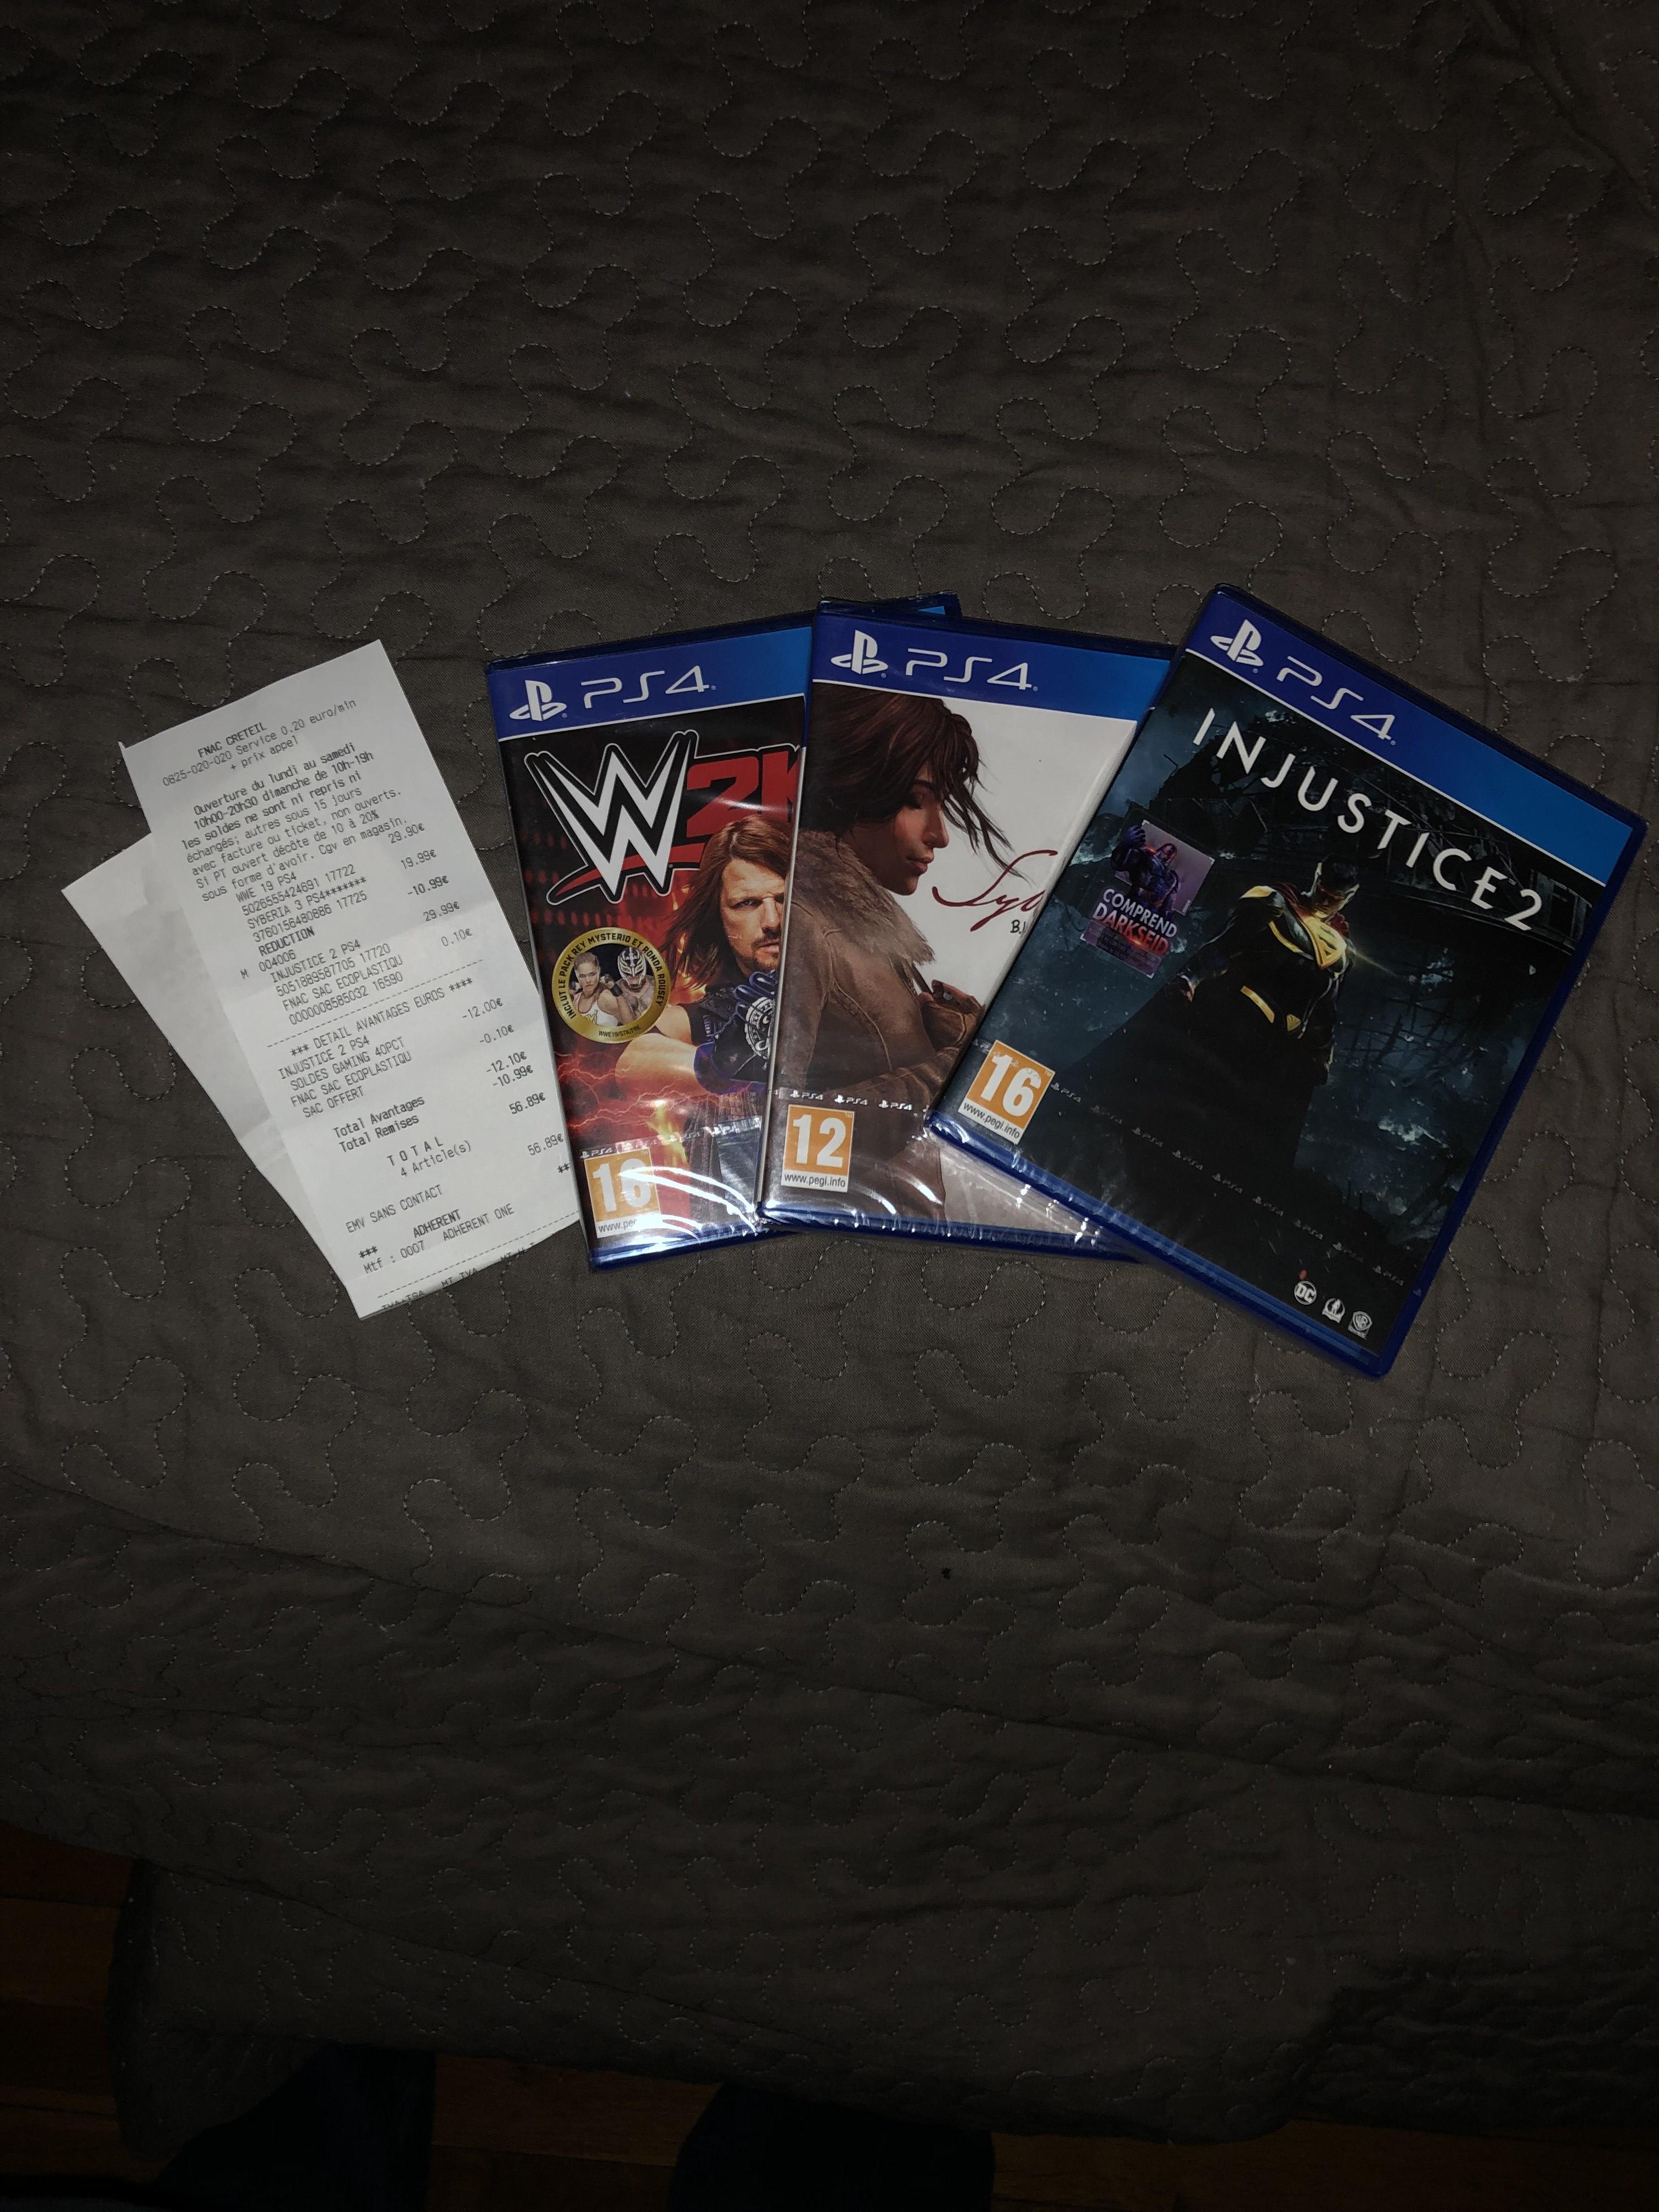 Sélection de jeux vidéo sur PS4 en promotion - Ex : Syberia III - Créteil (94)